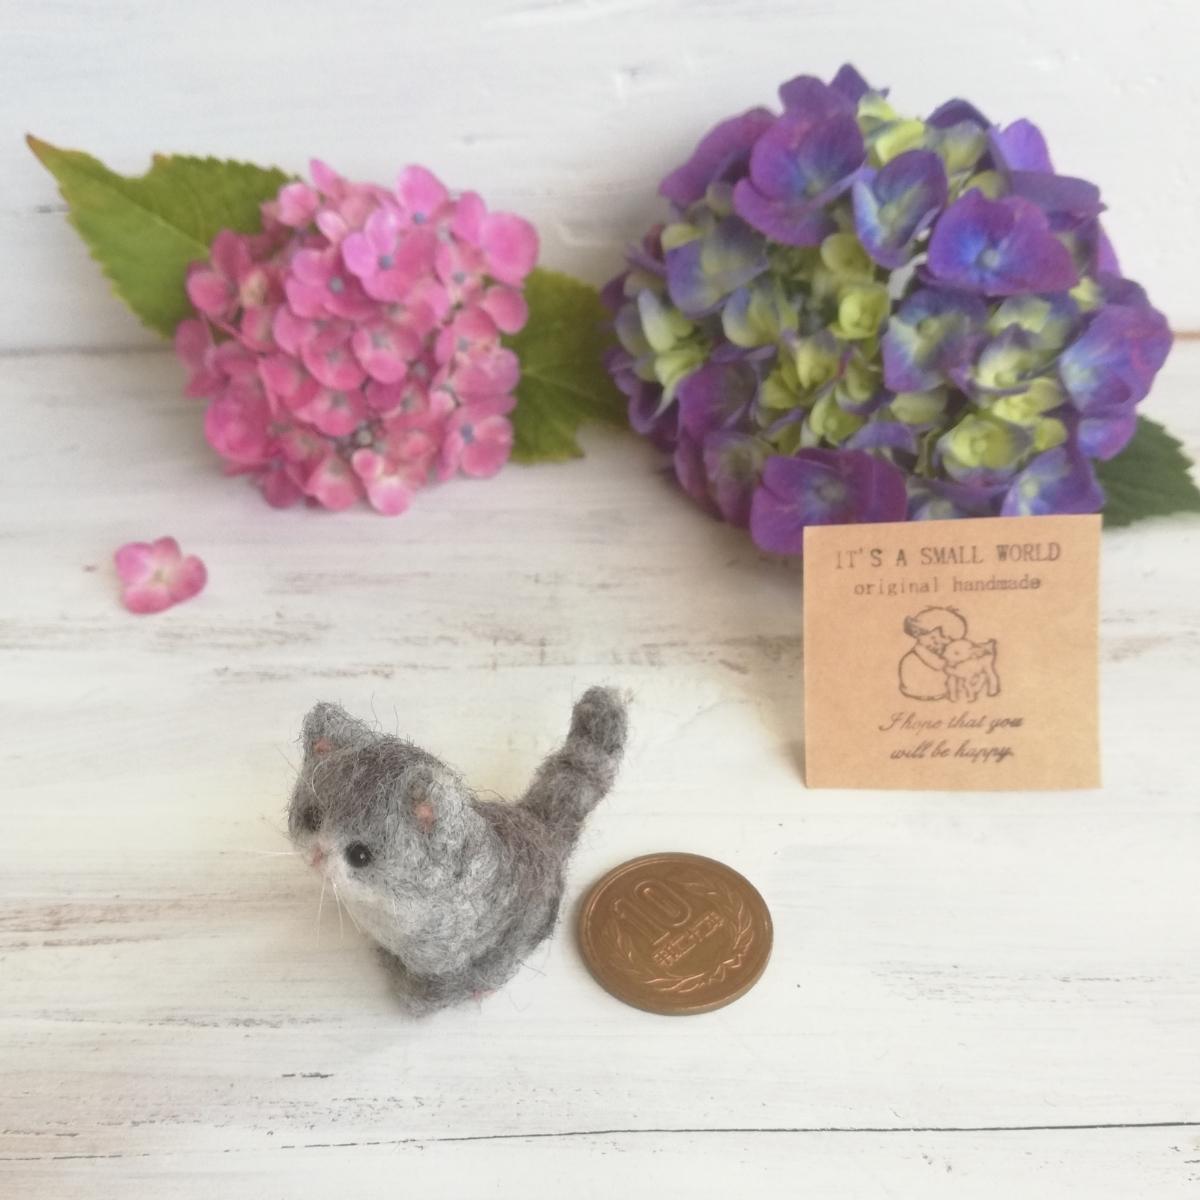 IT'S A SMALL WORLD*羊毛ミニチュア子猫・さばとら猫 お座りポーズ・レギュラーサイズ*羊毛フェルト_画像6